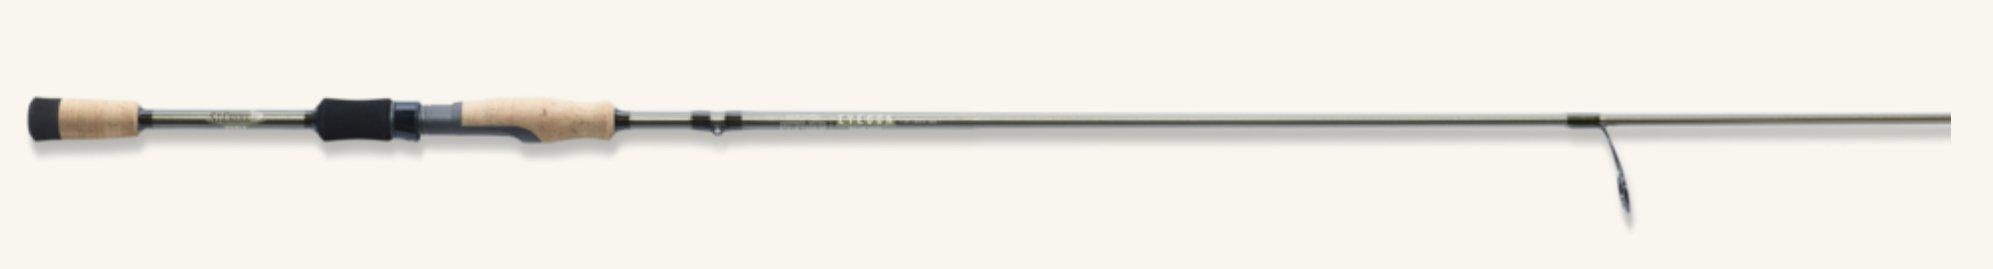 Avid spin rod medium light 6ft 3in